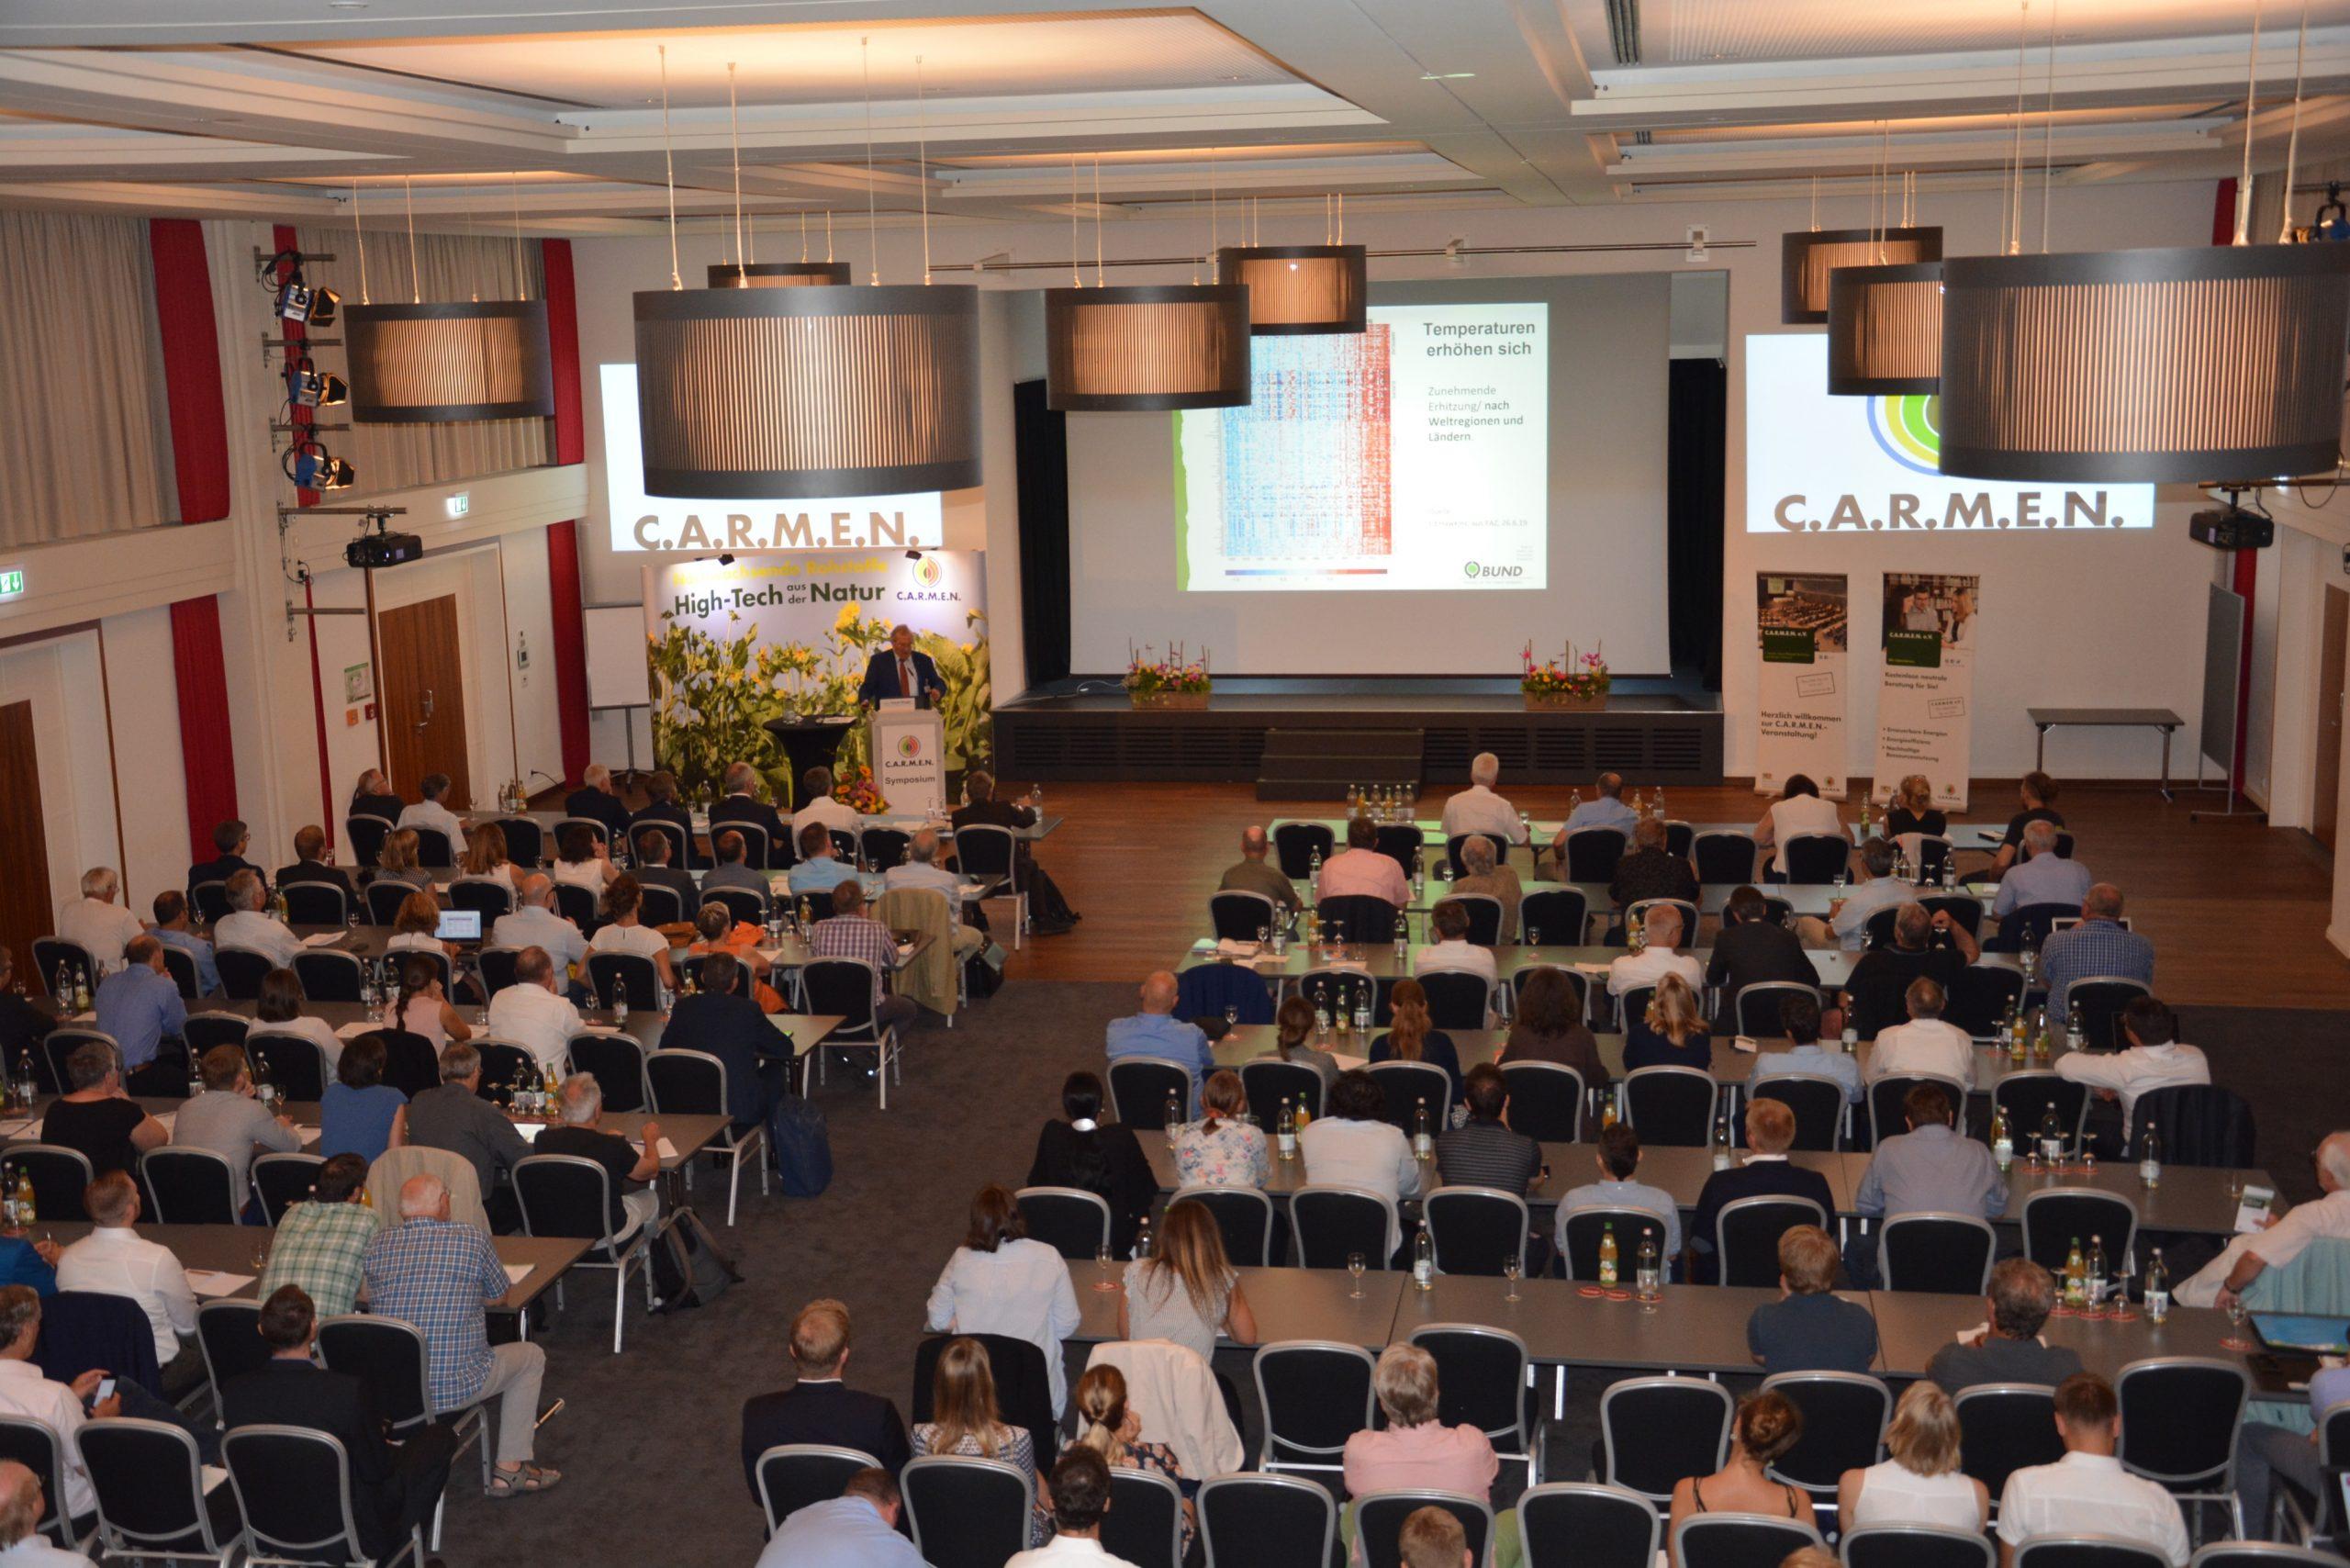 Nachhaltige Lösungen bei 27. C.A.R.M.E.N.-Symposium präsentiert